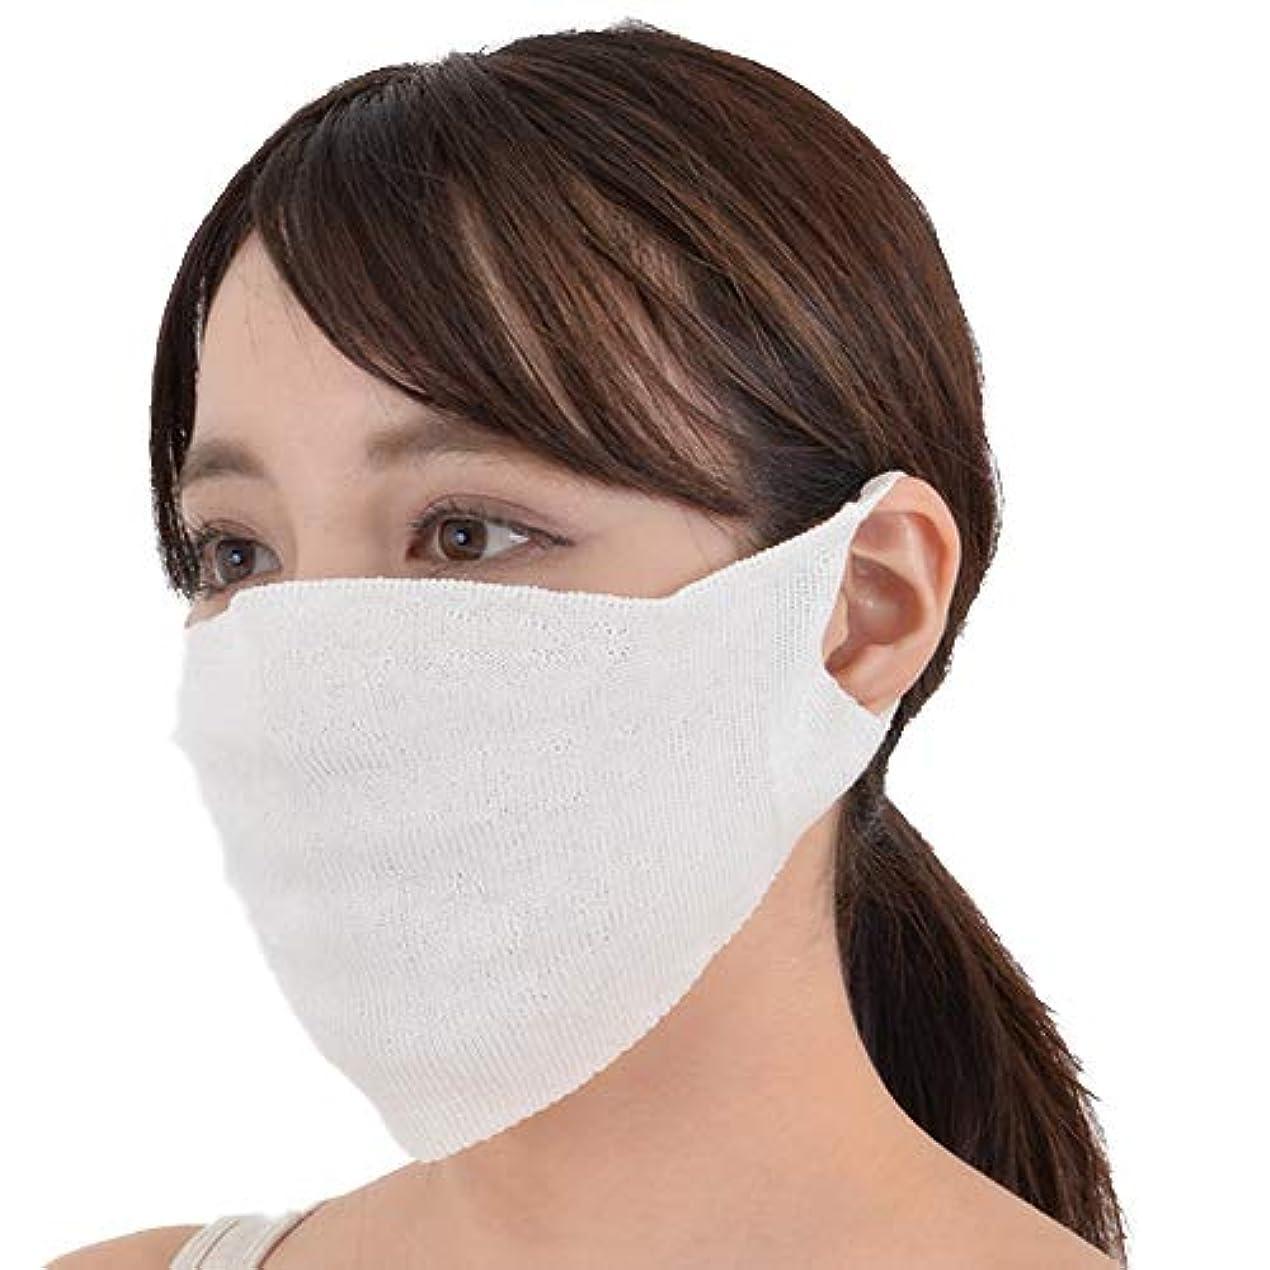 なめらかな近所のポインタ【SILK100%】無縫製 保湿マスク シルク100% ホールガーメント® 日本製 工場直販 (オフホワイト)(4045-7187)